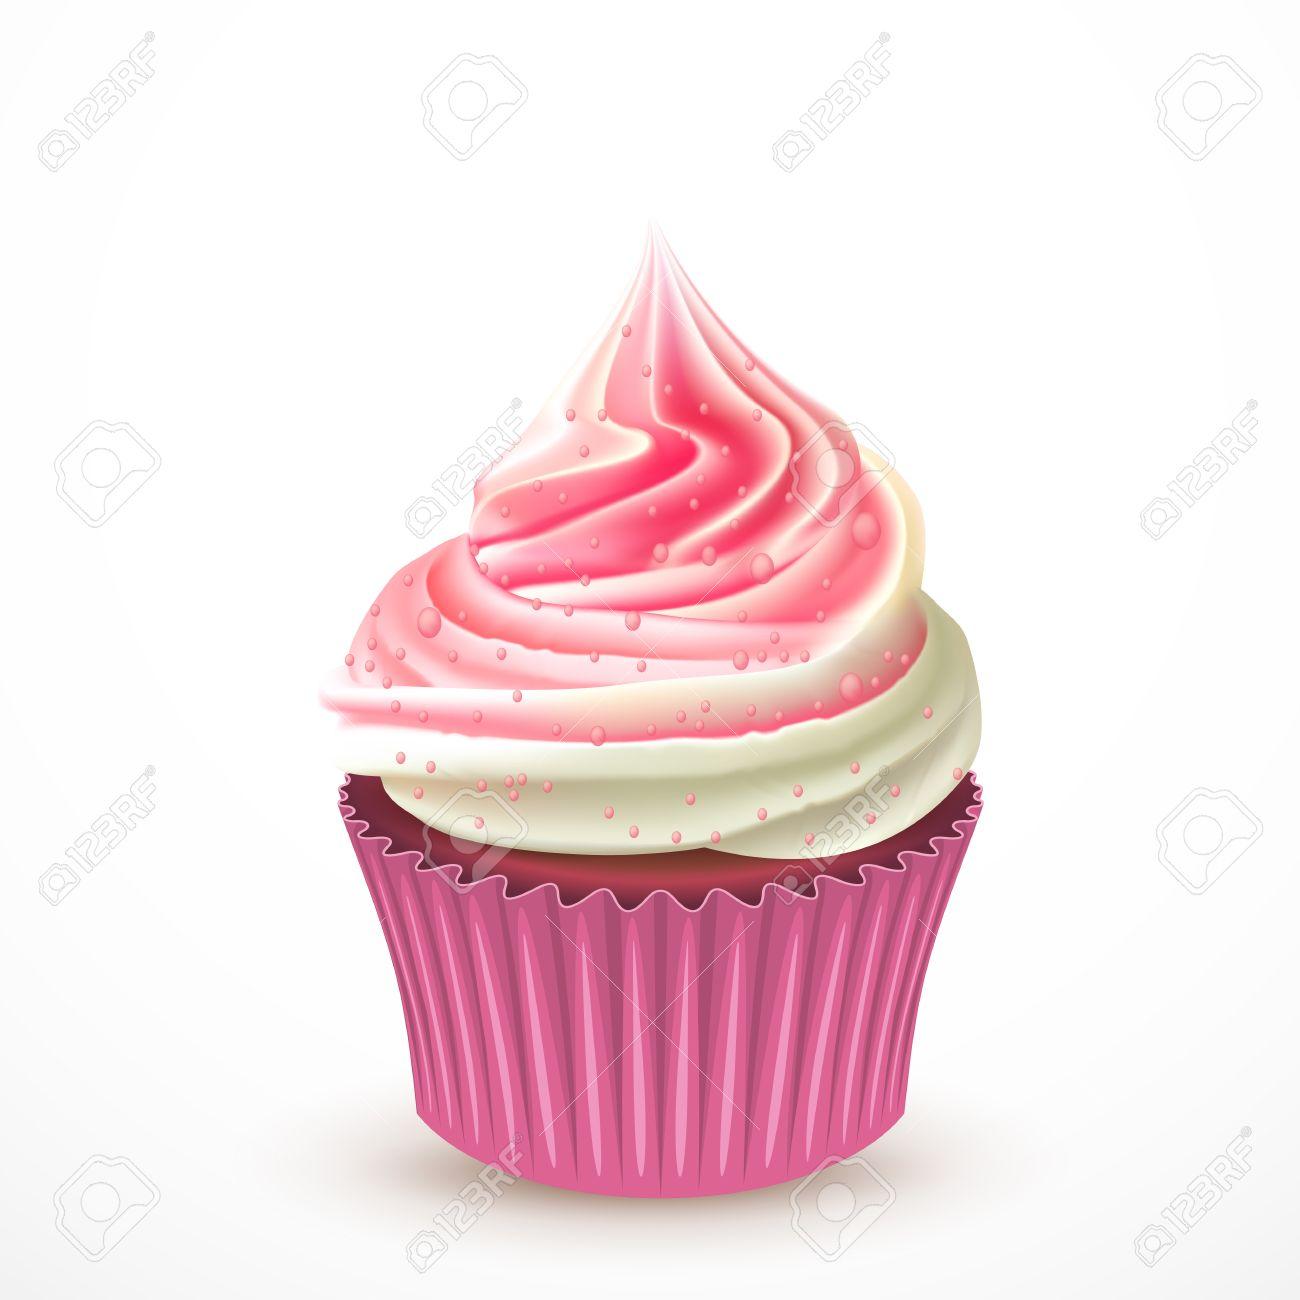 cupcake vector royalty free cliparts vectors and stock rh 123rf com cupcake vectoriel cupcake vector gratis